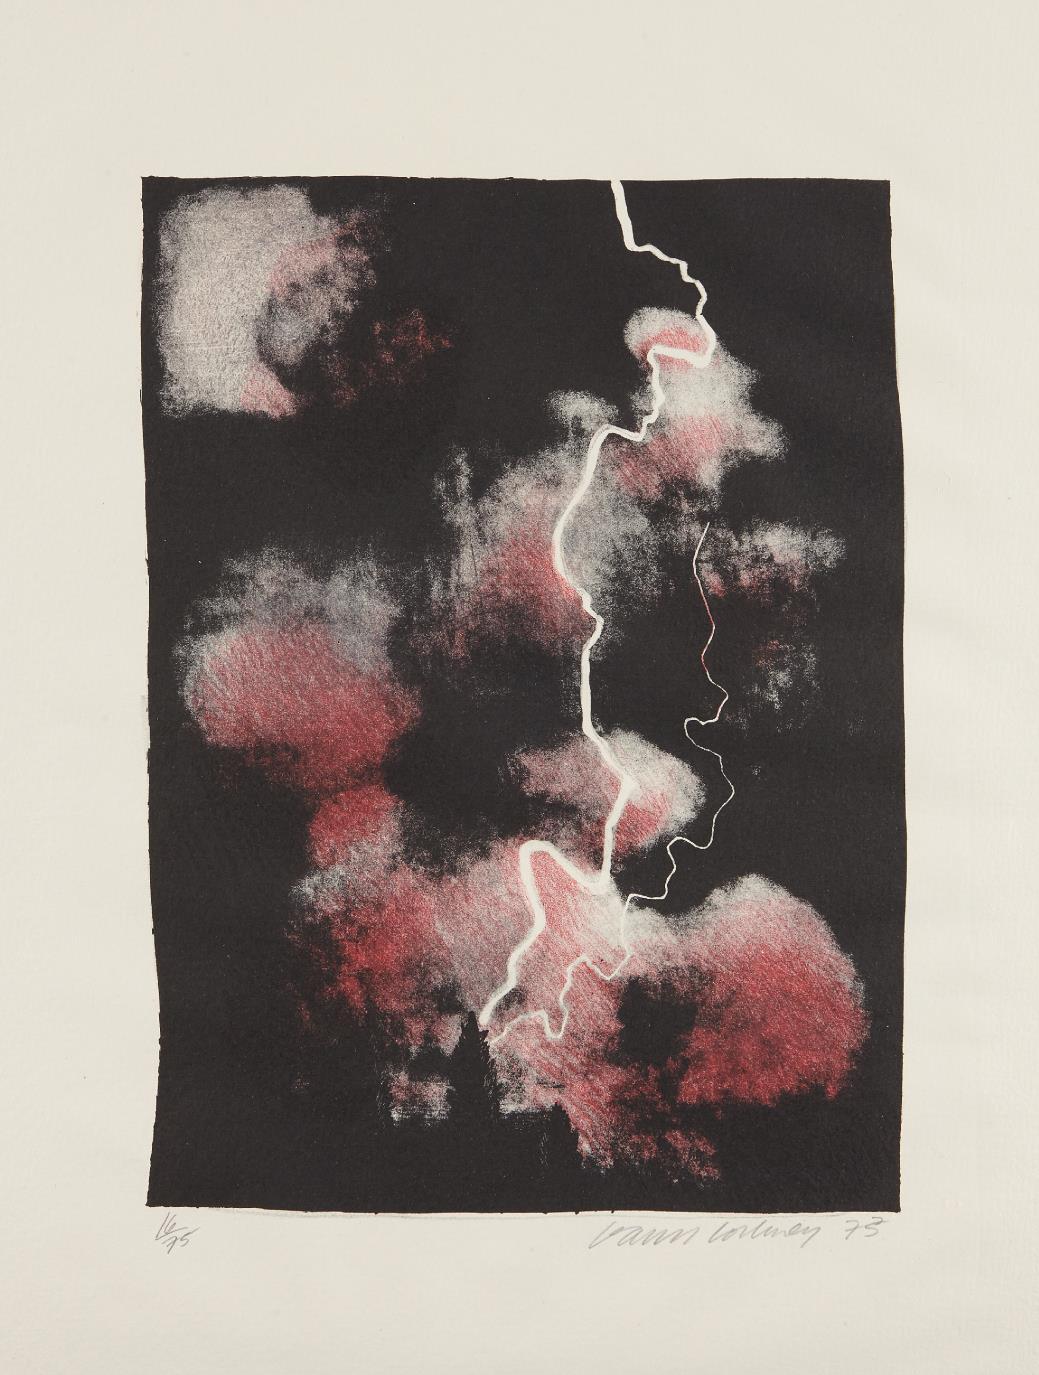 David Hockney-Smaller Study of Lightning-1973